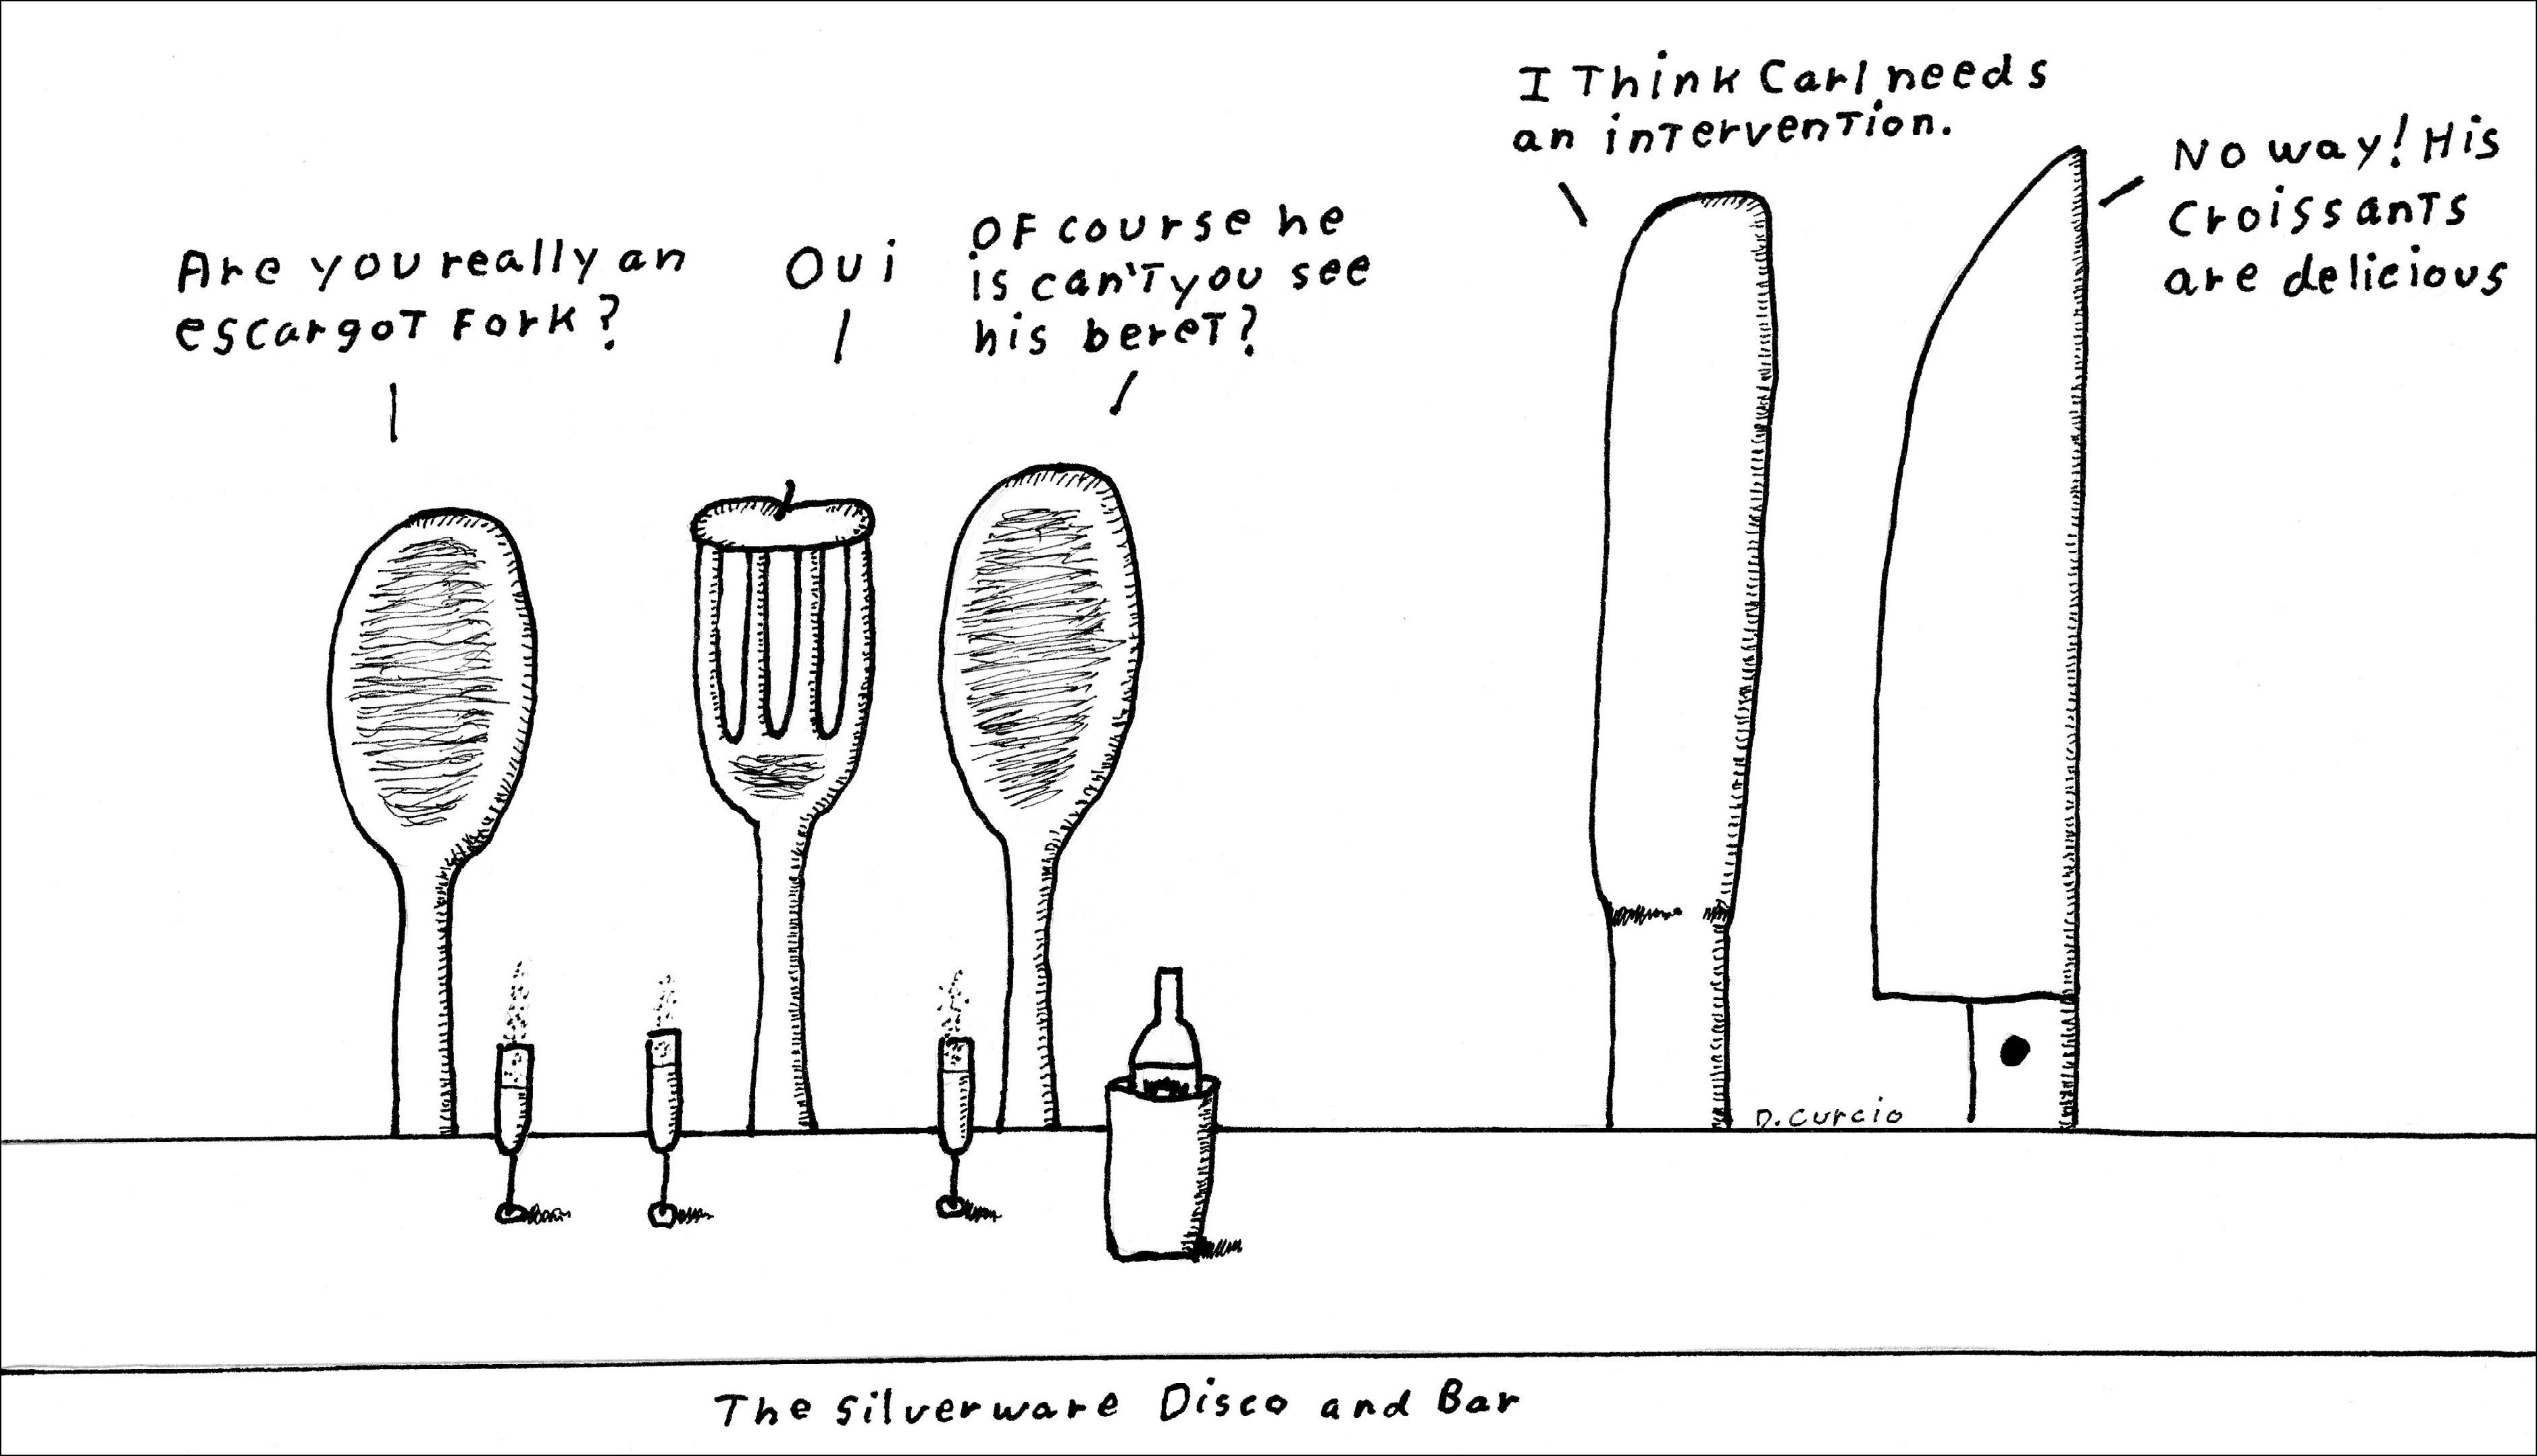 Escargot Fork